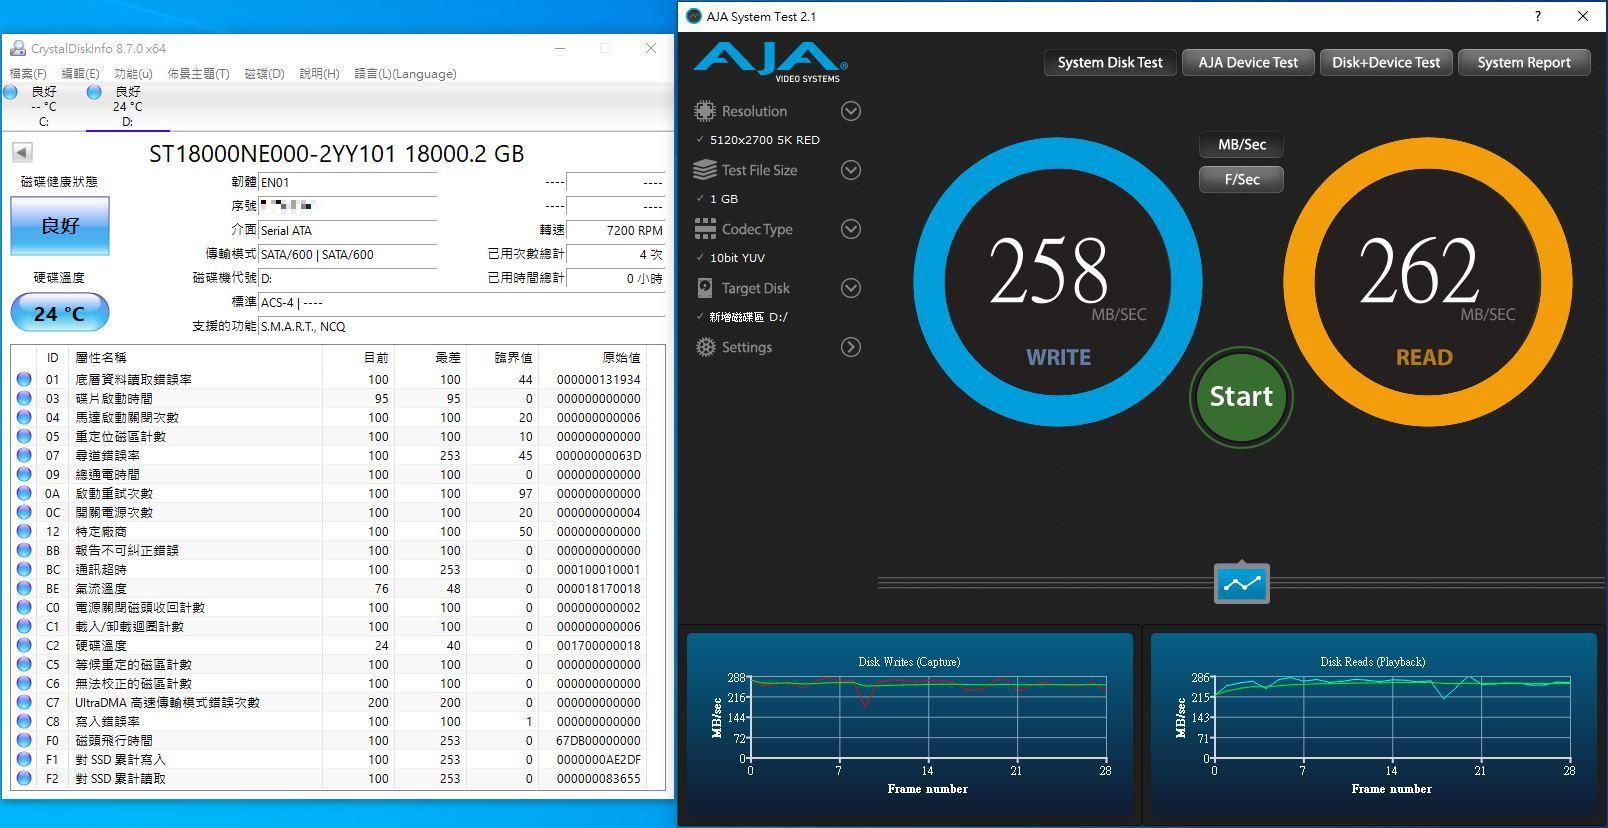 希捷Seagate IronWolf Pro 18TB NAS專用硬碟-儲存巨獸那嘶狼,優...3865